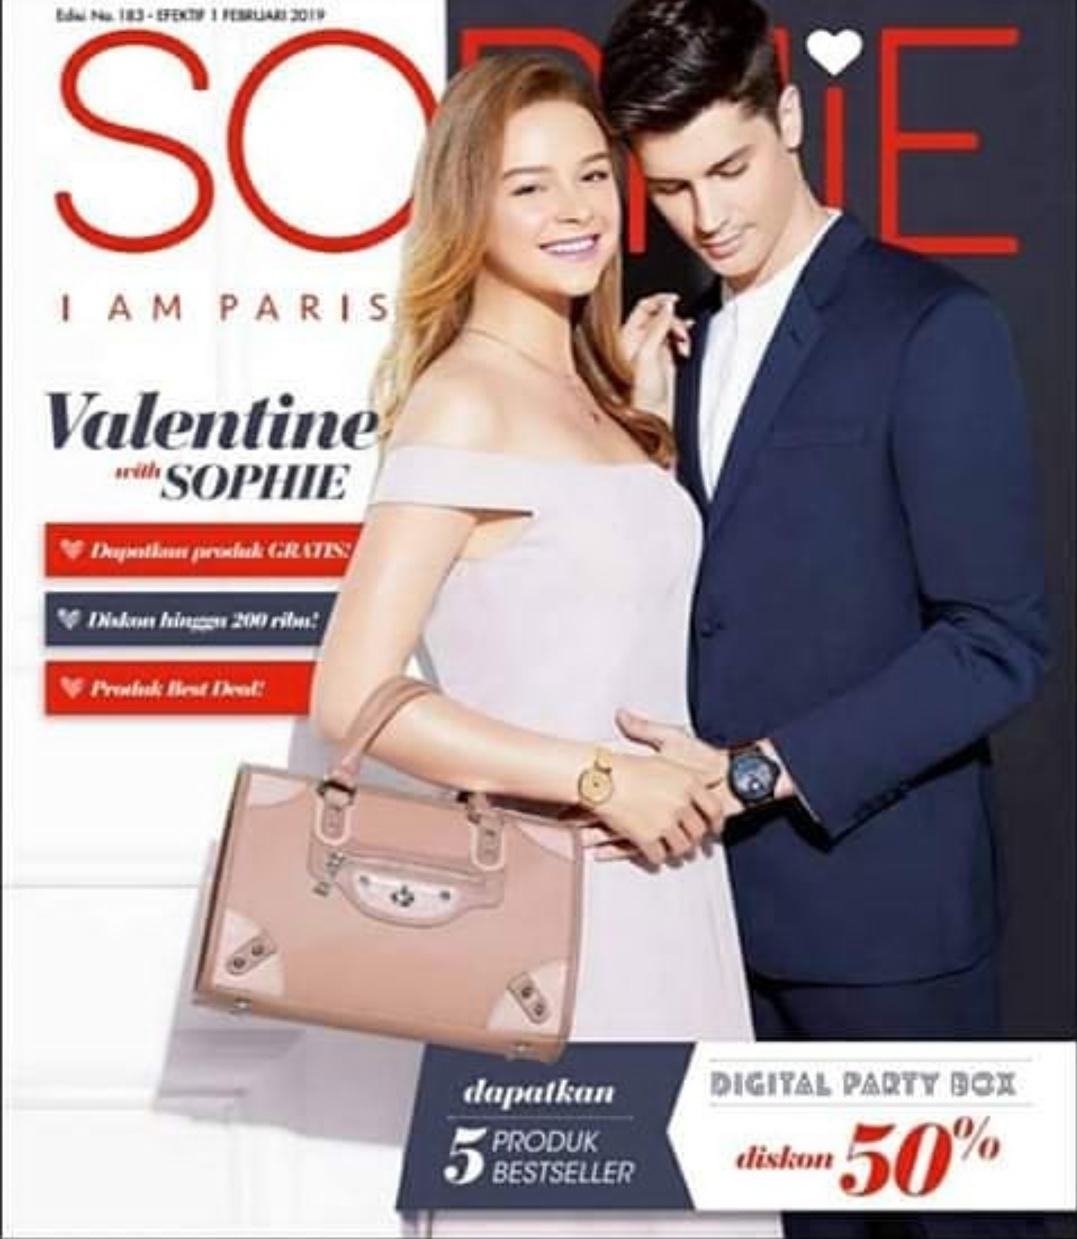 Katalog Februari dengan produk terbaru dari Sophie Paris.